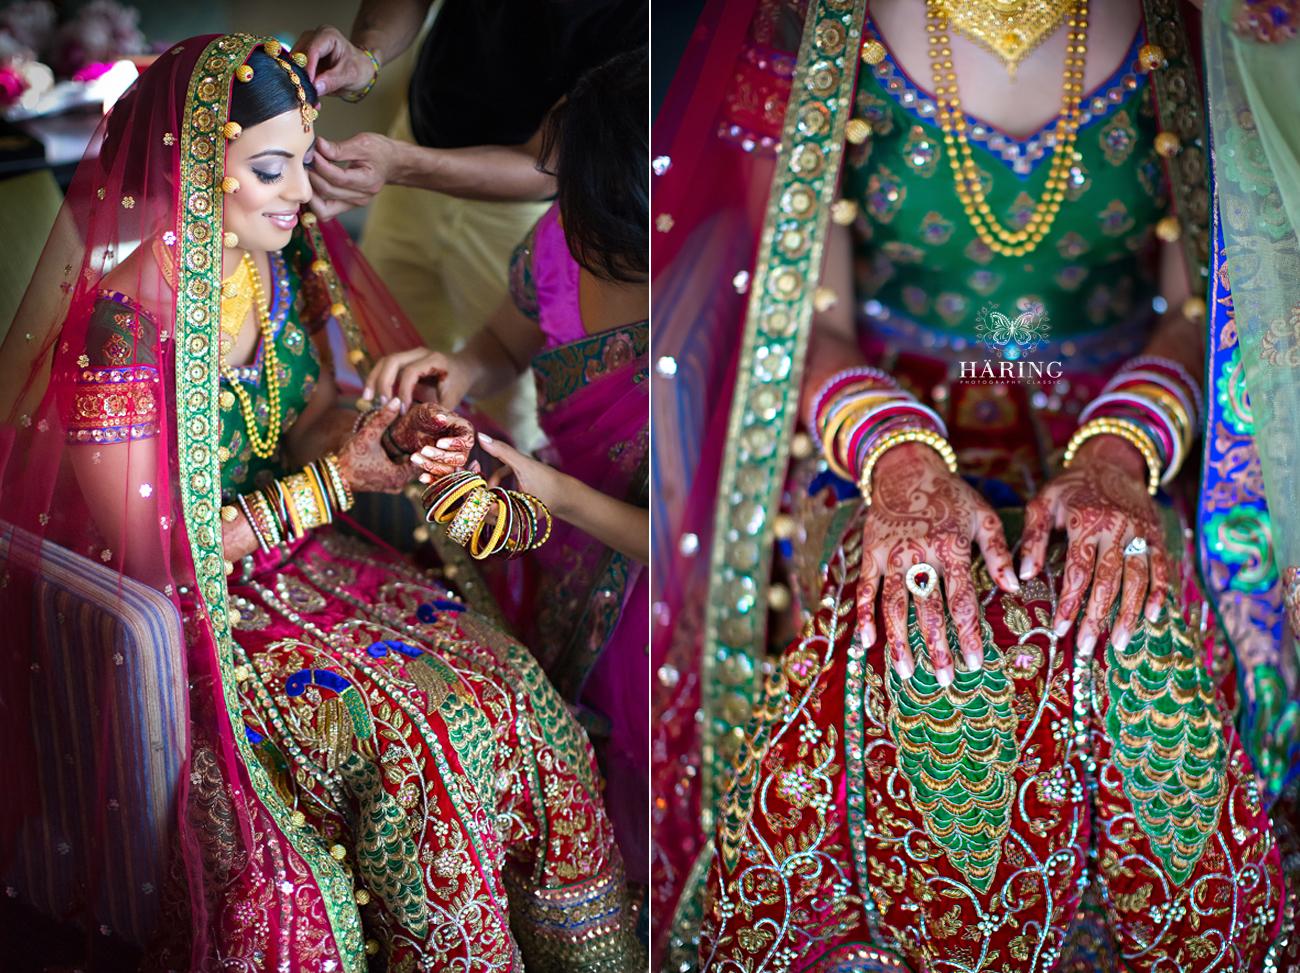 Gauri's Day | Sneak Peek, Miami Wedding Photographers | Häring Photography, Indian Wedding Photographer in Florida, Best Muslim, Hindu - South East Asian Wedding Photographers